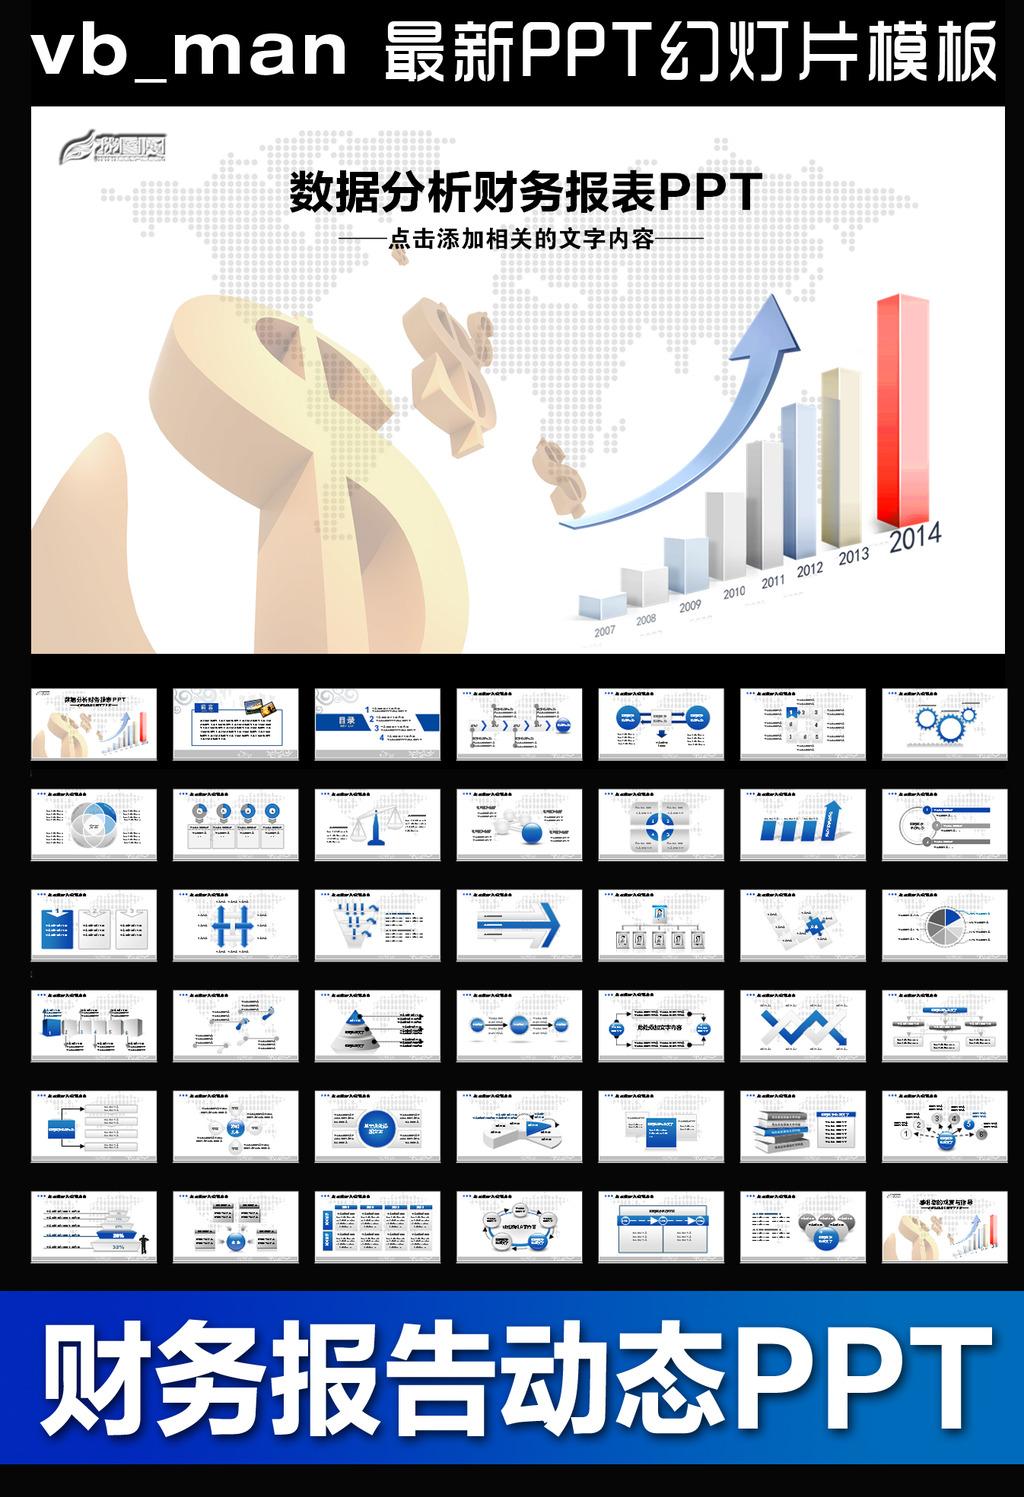 财务报告金融数据分析调研动态ppt模板